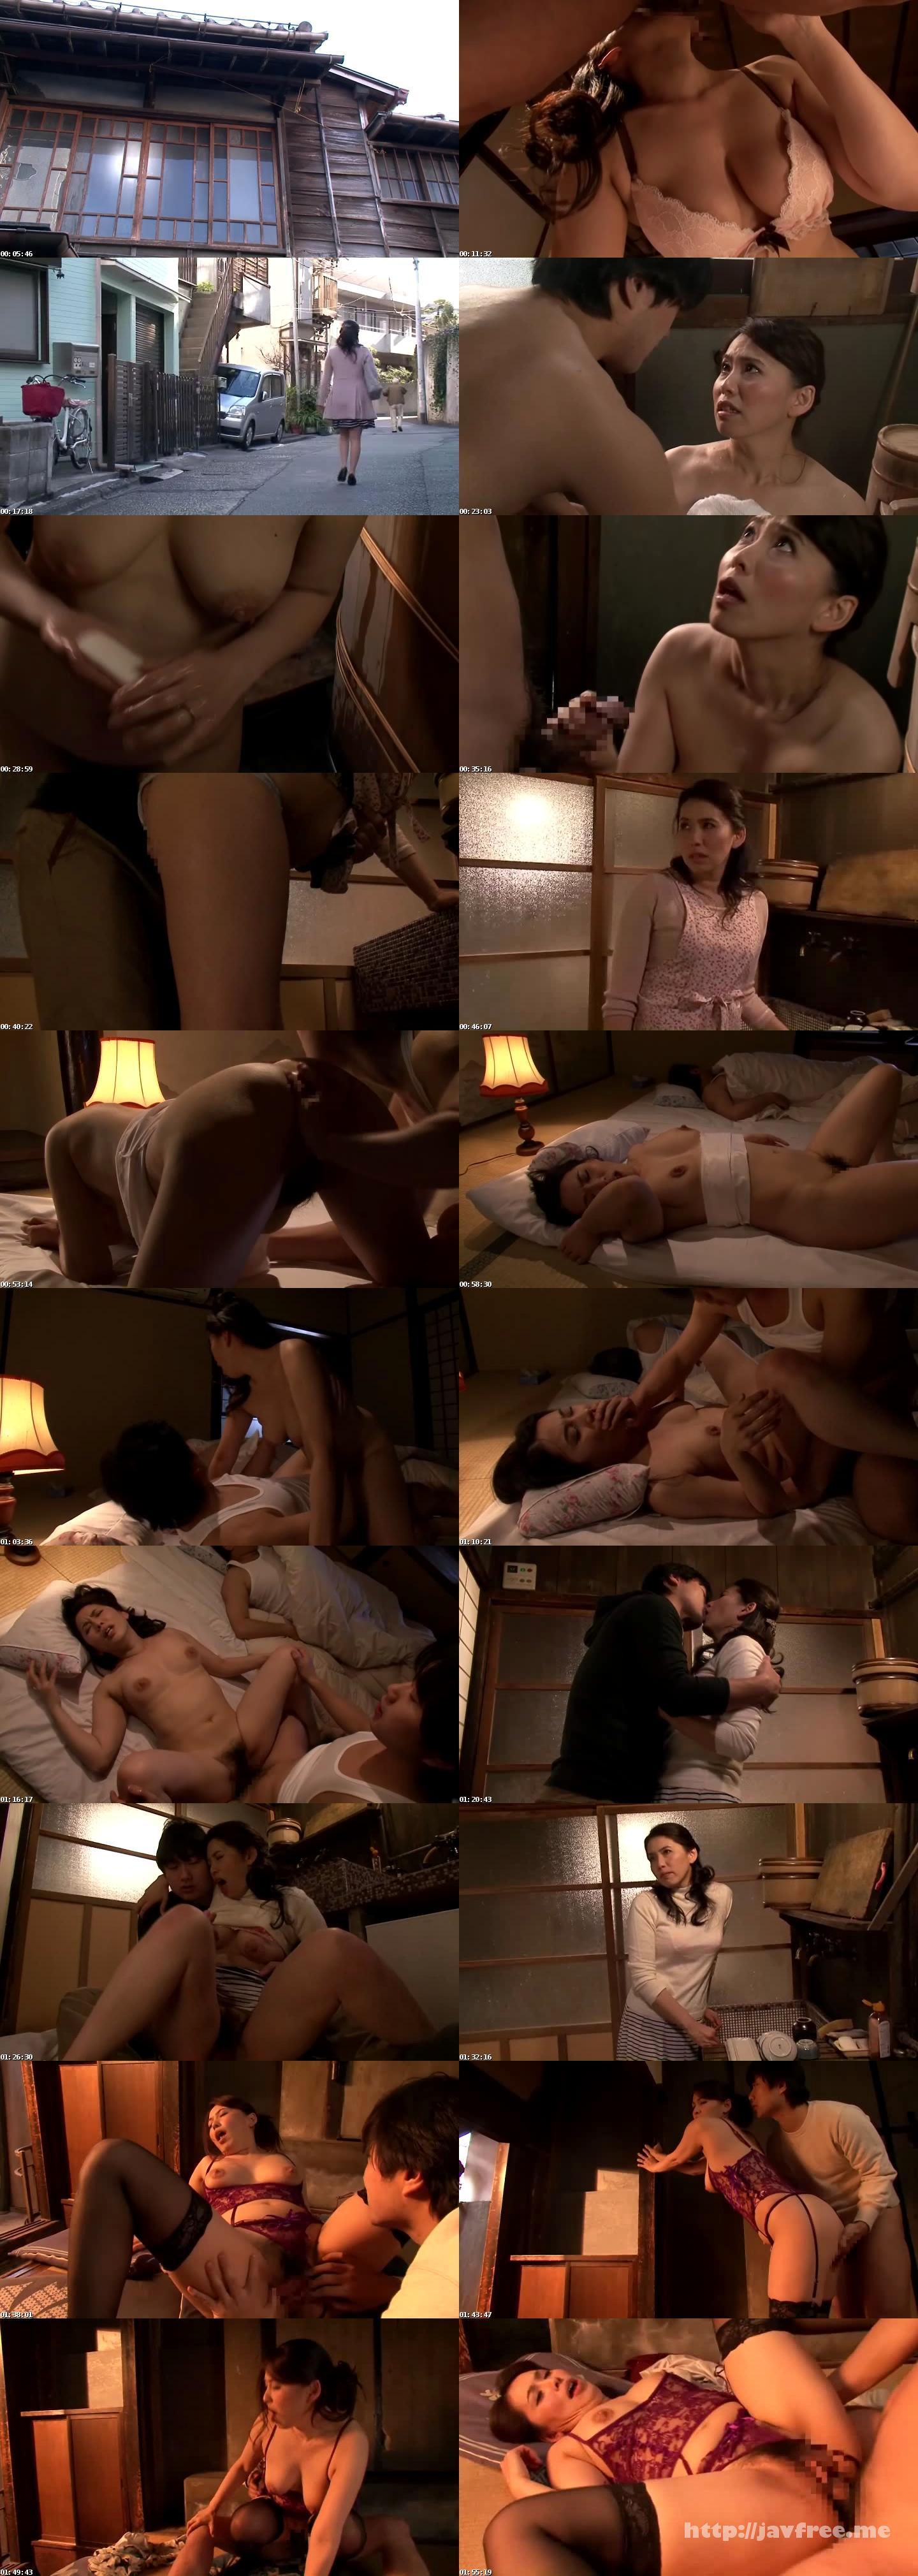 [MAC 23] 夫の寝ている横で息子の性技に溺れる母 桐島綾子 桐島綾子 MAC